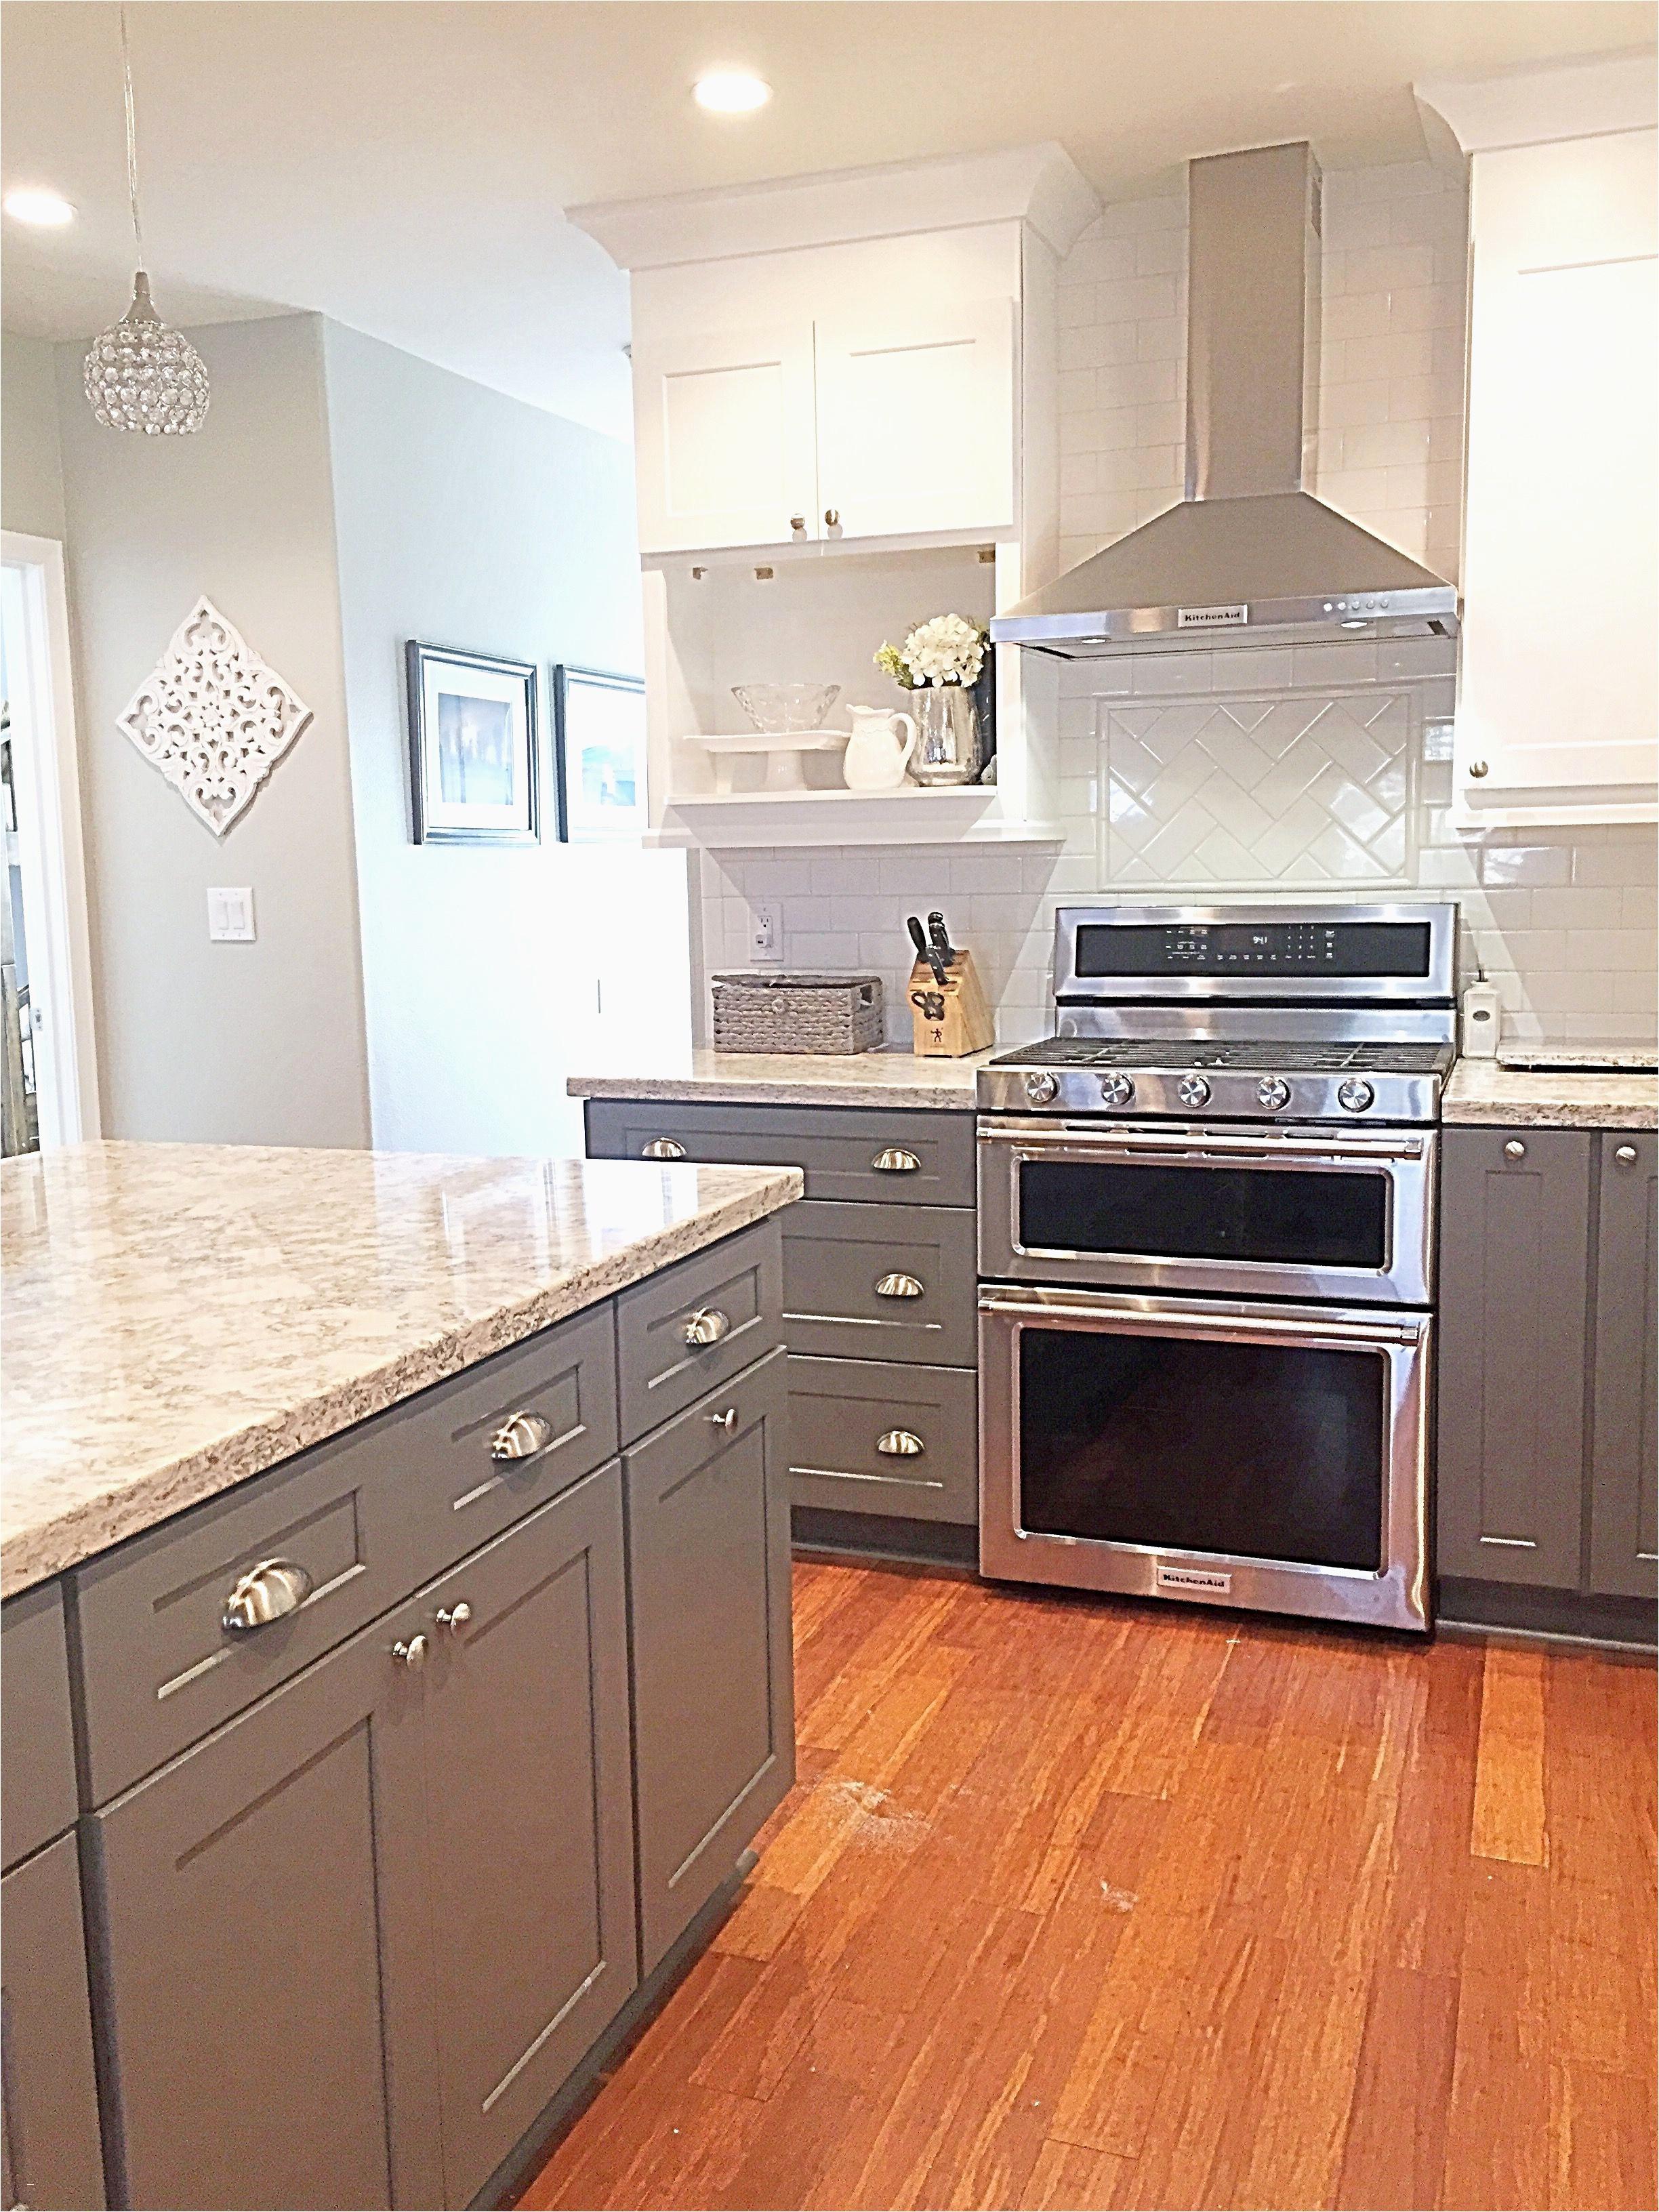 11 ly Grey Hardwood Floors In Bedroom | Unique Flooring ... Ideas Floor Wood Kitchen Withngrey on